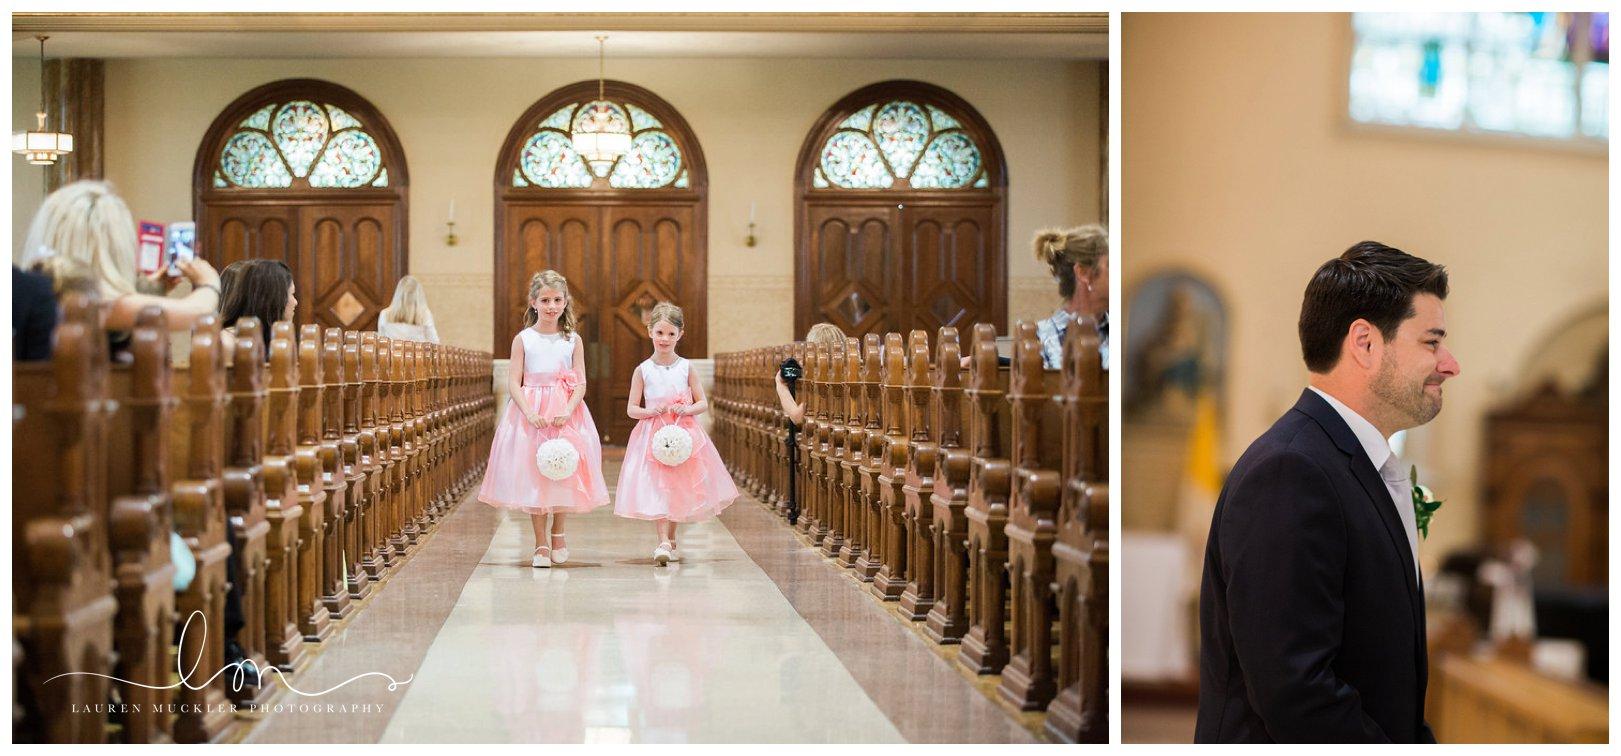 lauren muckler photography_fine art film wedding photography_st louis_photography_0007.jpg